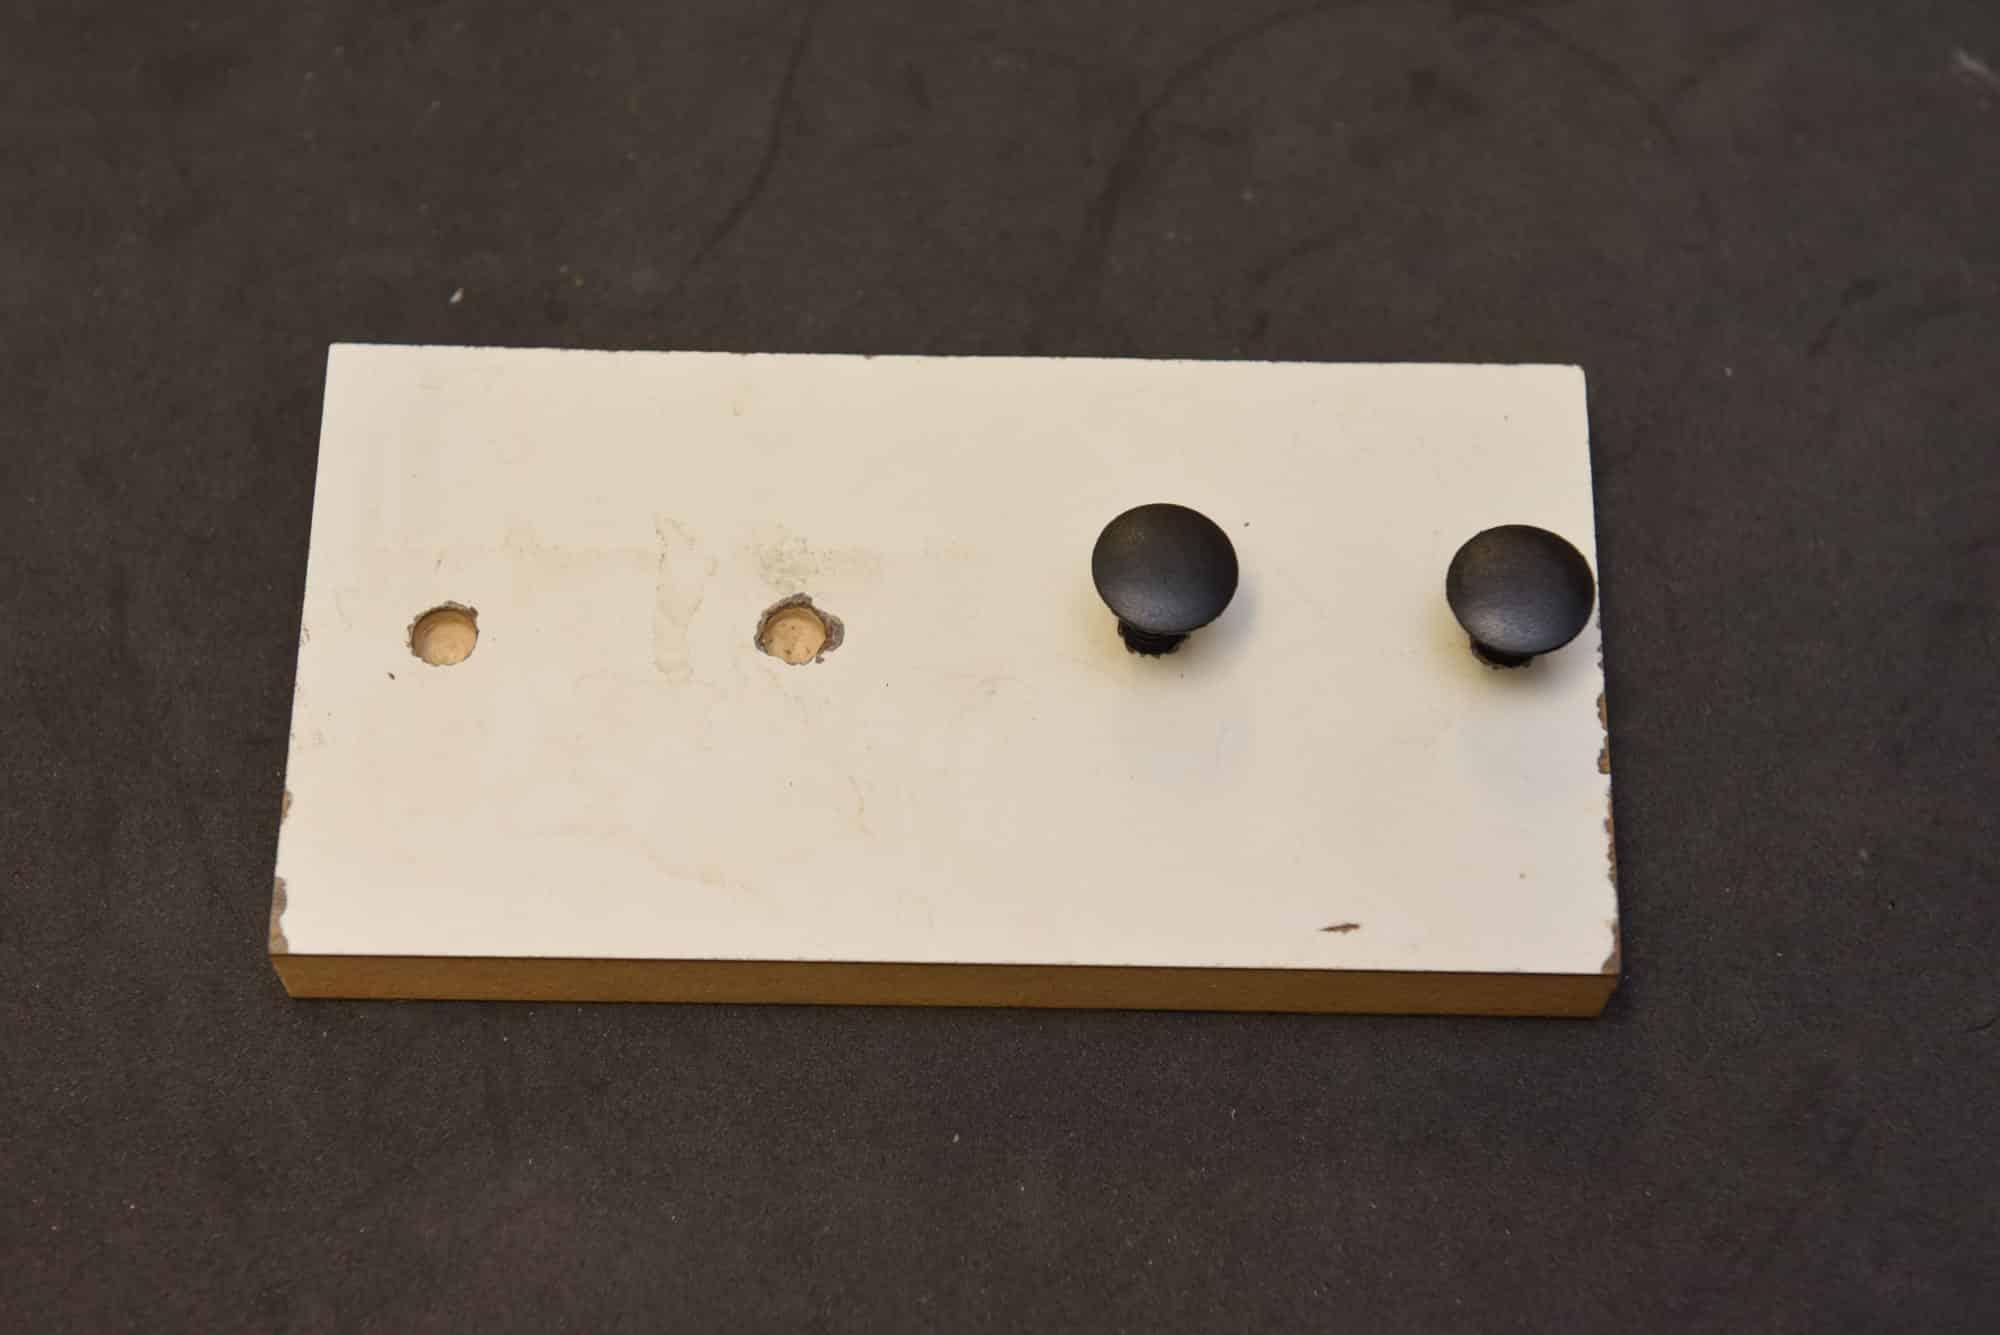 MK7 GOLF R Bumper Plugs